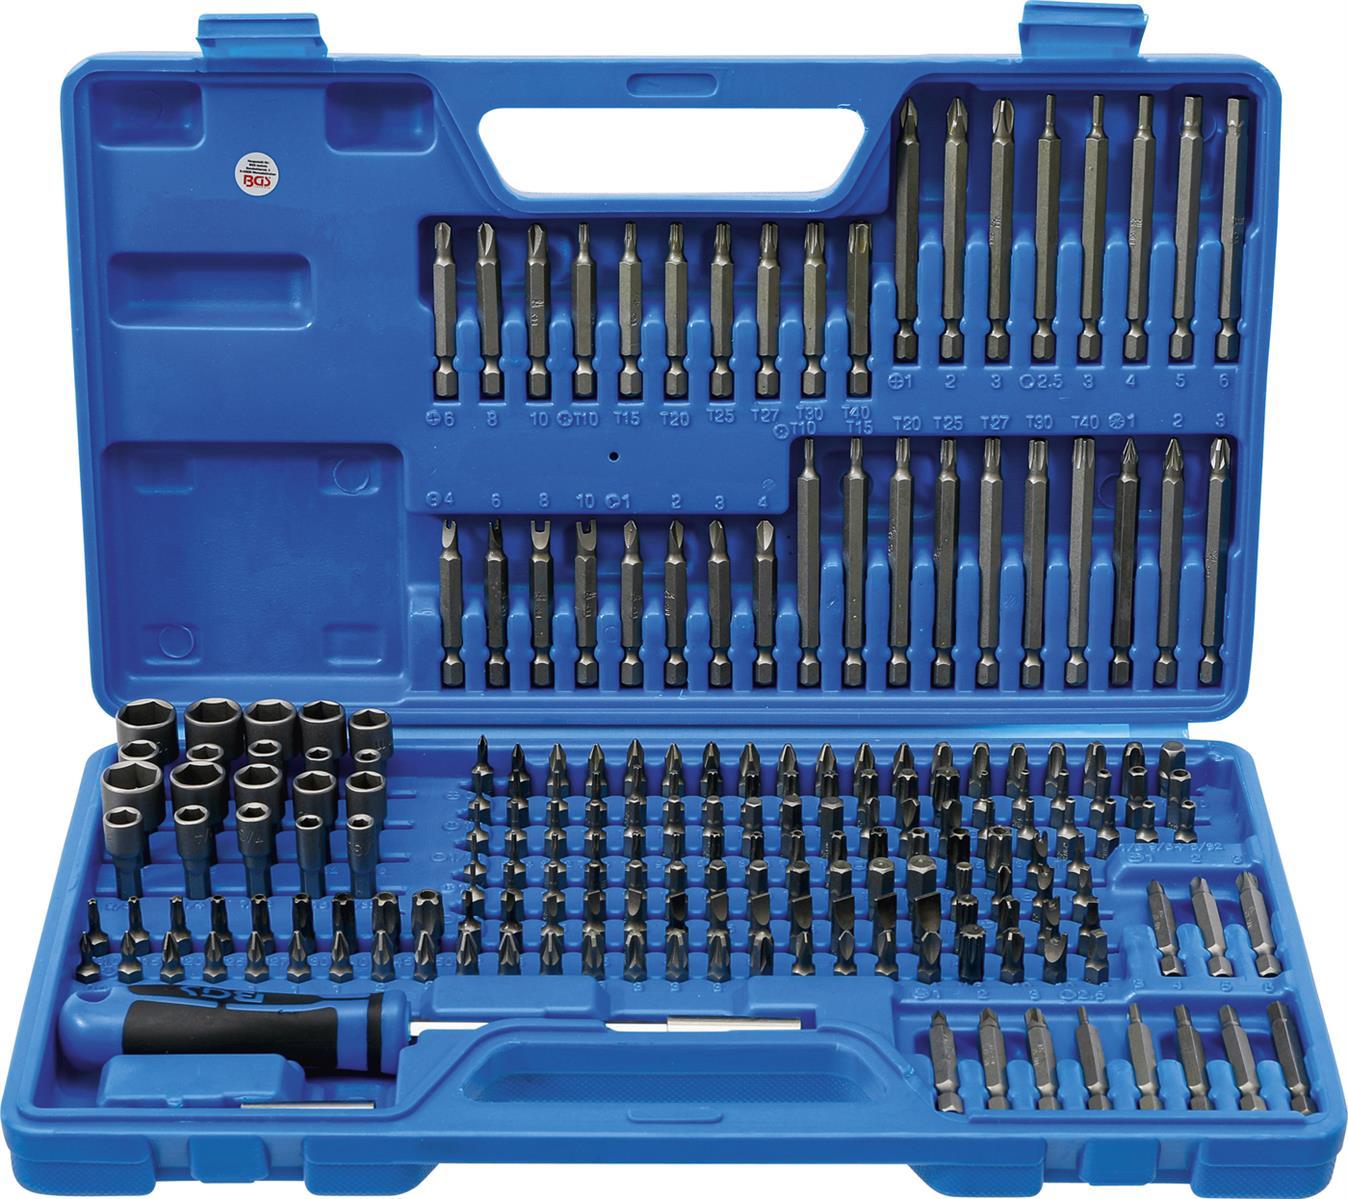 SFC Timorn Sicherheit Bit Set Stahl 3,8 mm /& 4,5 mm Sicherheits-Schraubendreher-Werkzeug f/ür NGC 10x 3.8 mm + 10x 4.5 mm SEGA N64